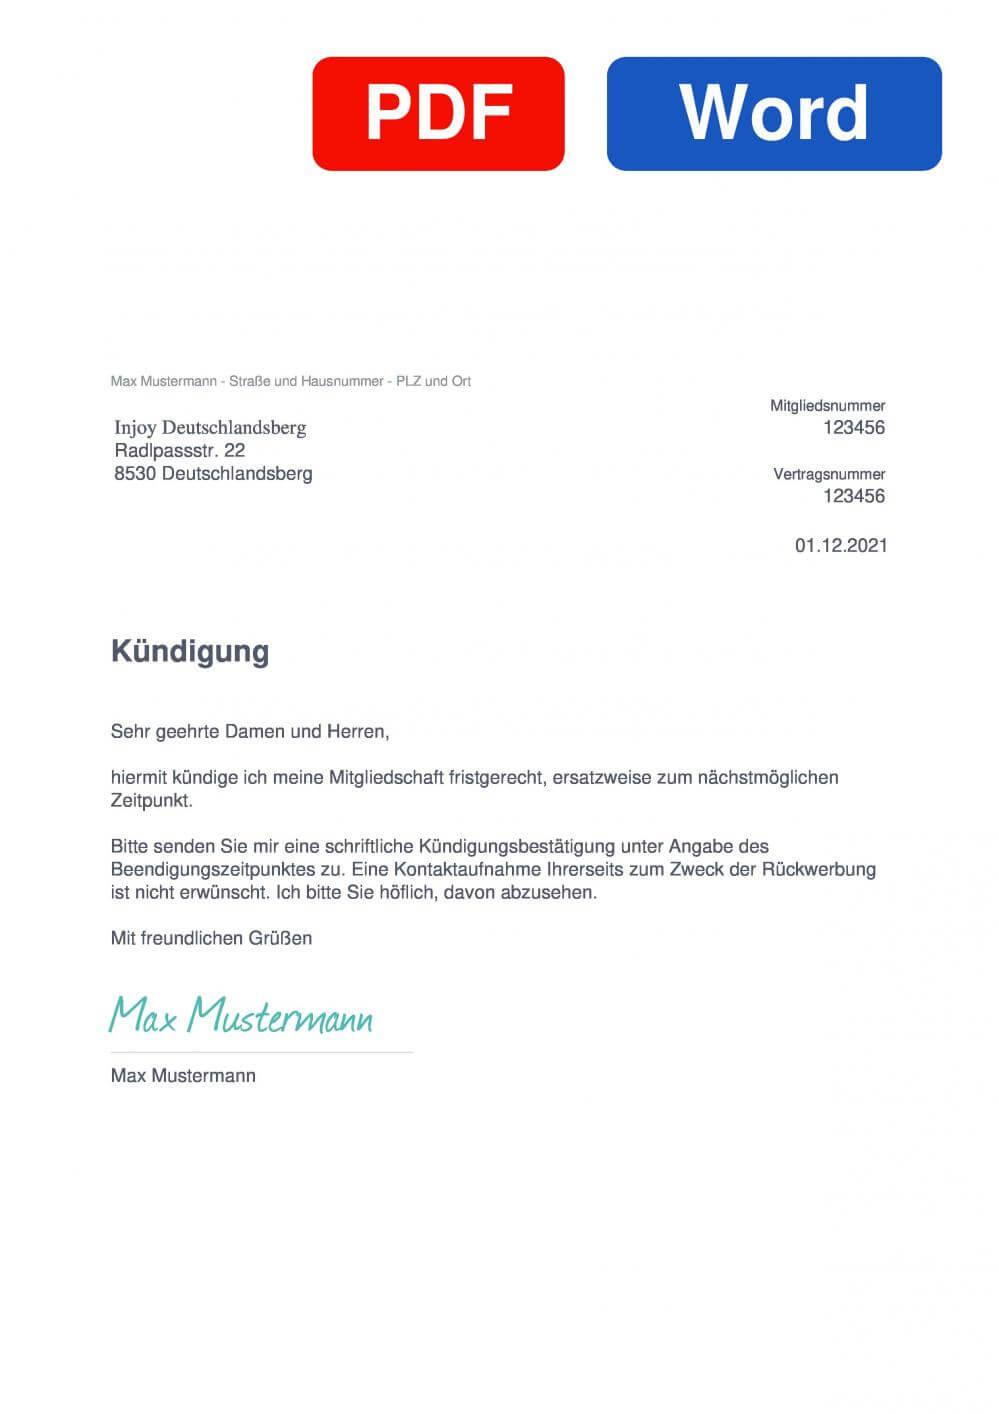 INJOY Deutschlandsberg Muster Vorlage für Kündigungsschreiben